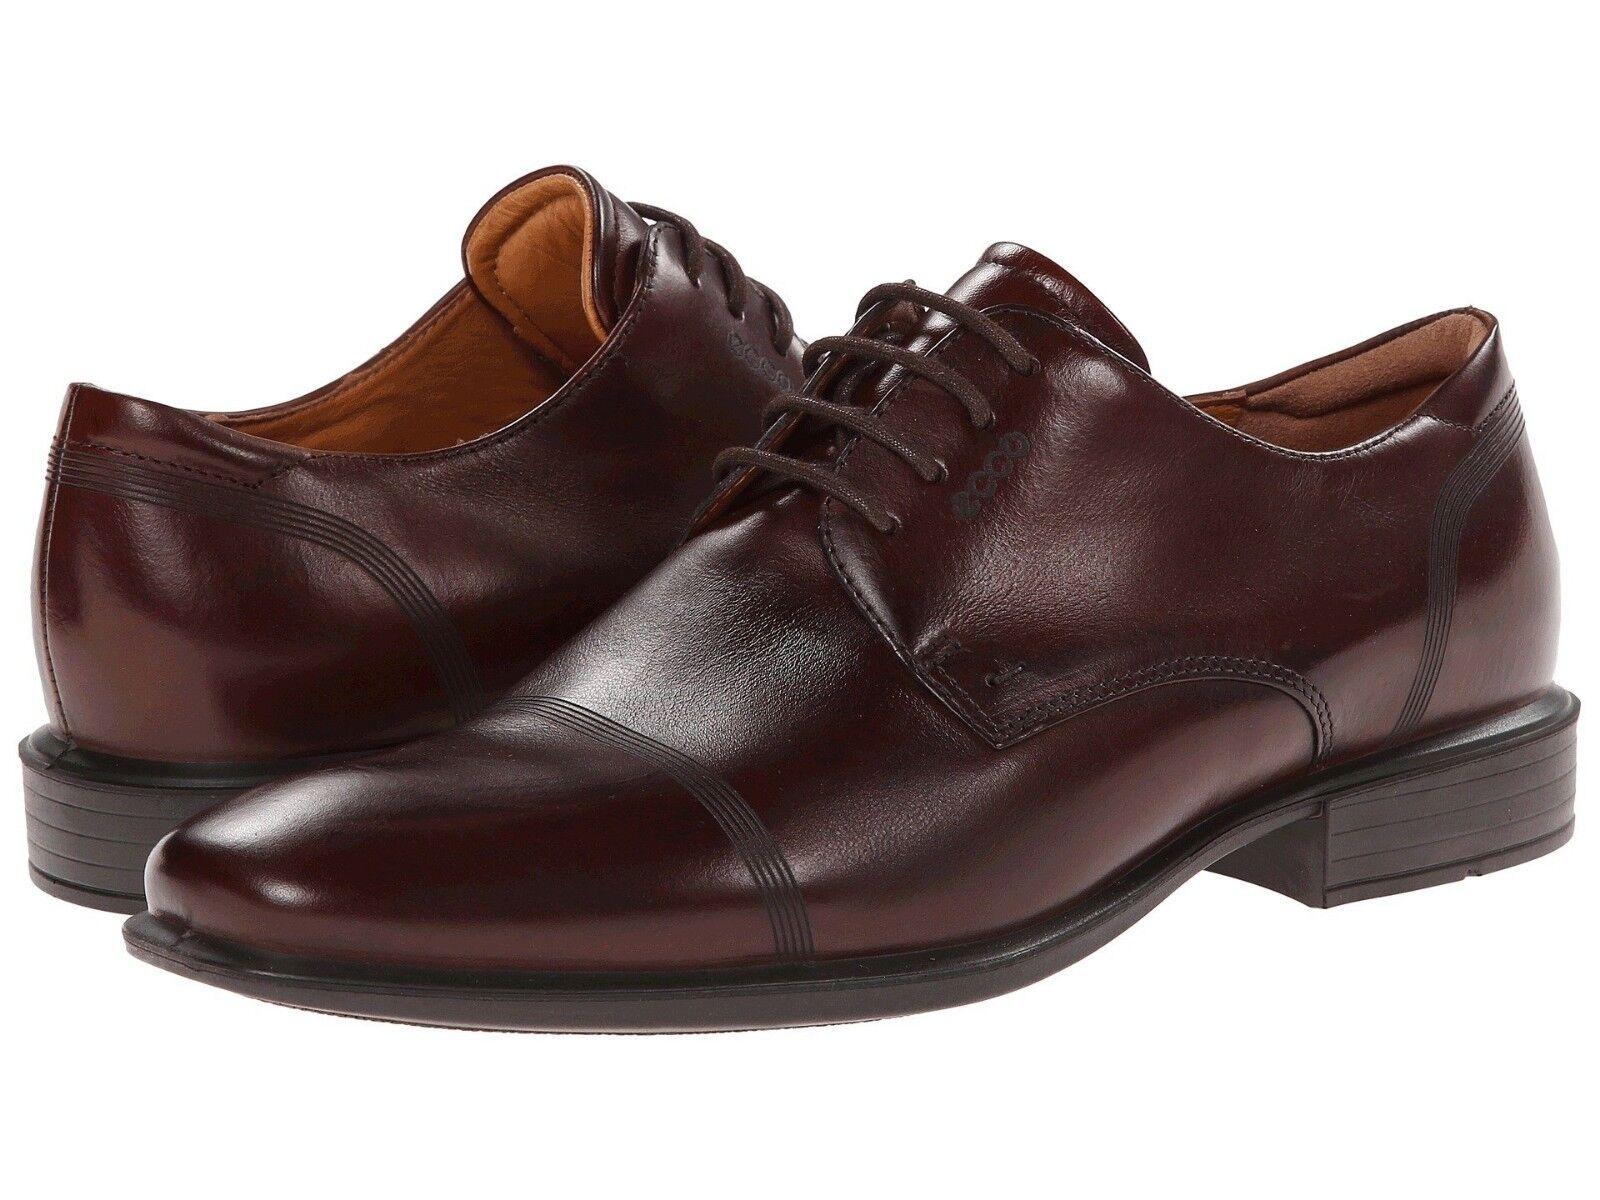 Men's ECCO Cairo Cap-Toe Tie Dress shoes, 631714 01014 Multiple Sizes Mink